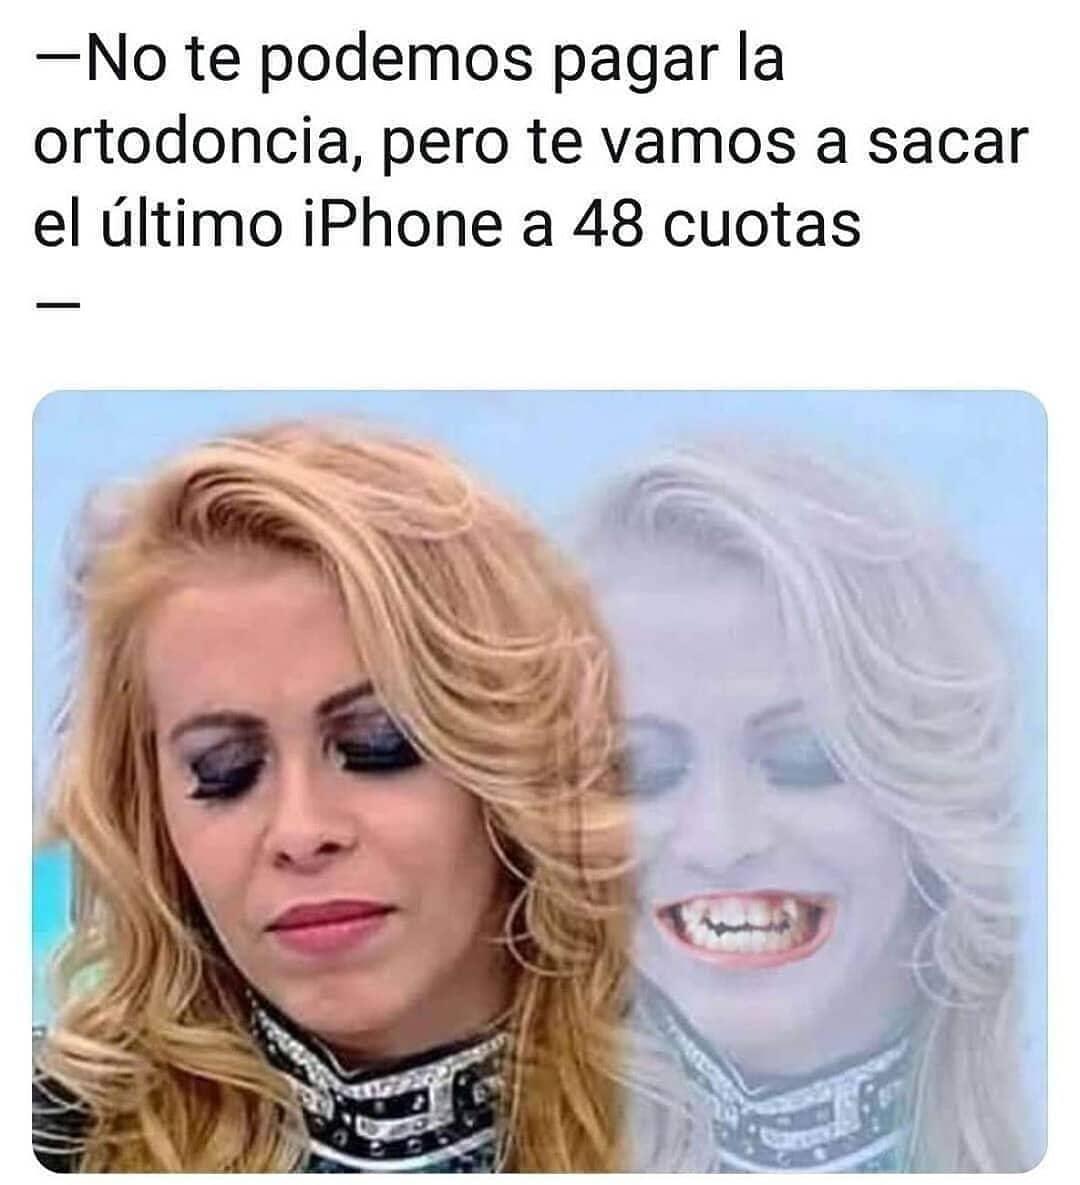 No te podemos pagar la ortodoncia, pero te vamos a sacar el último iPhone a 48 cuotas.